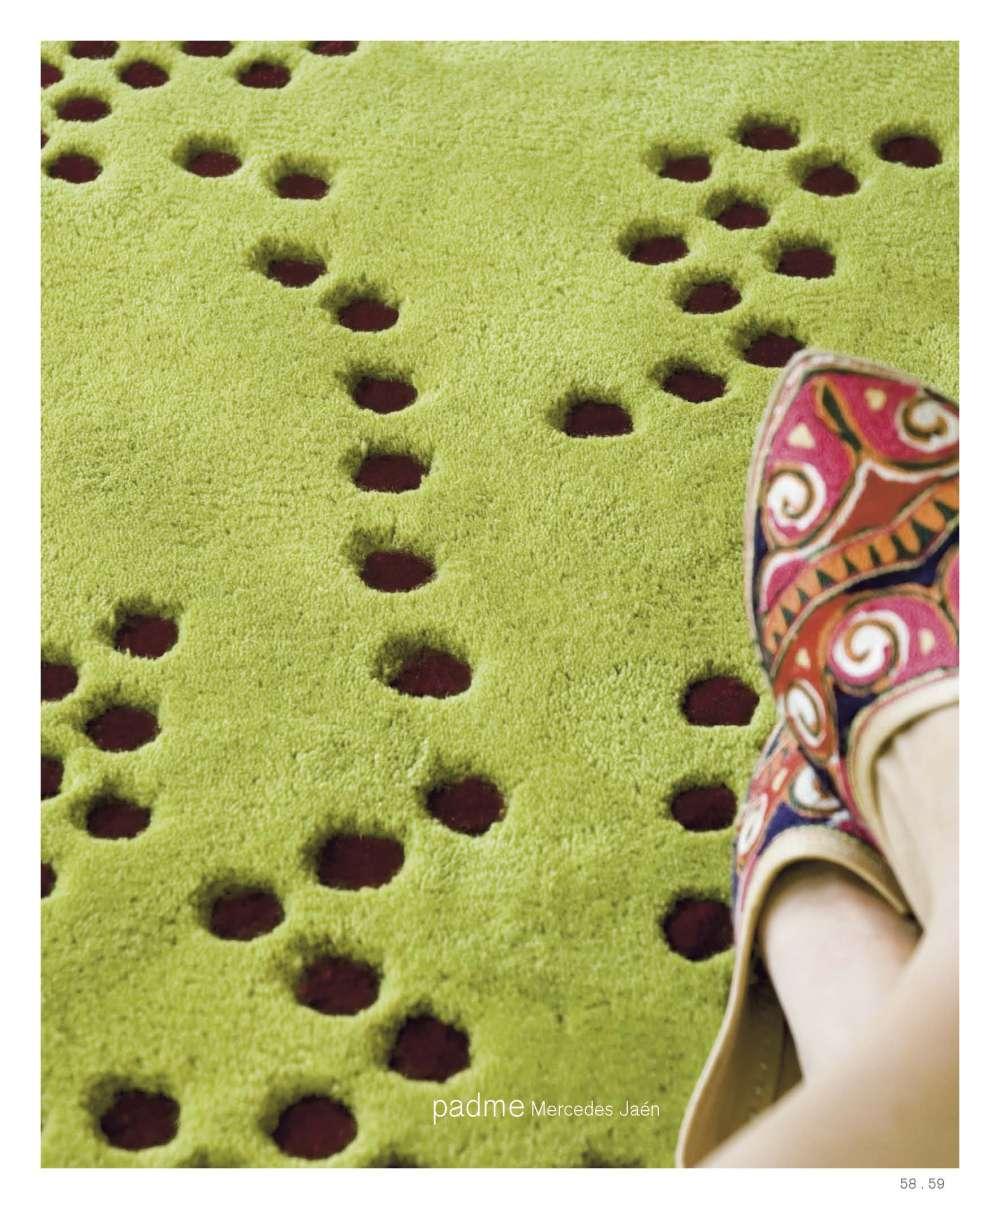 SIDI_Milano09-Rug(邱德光常用品牌地毯)10.21更新_037.jpg